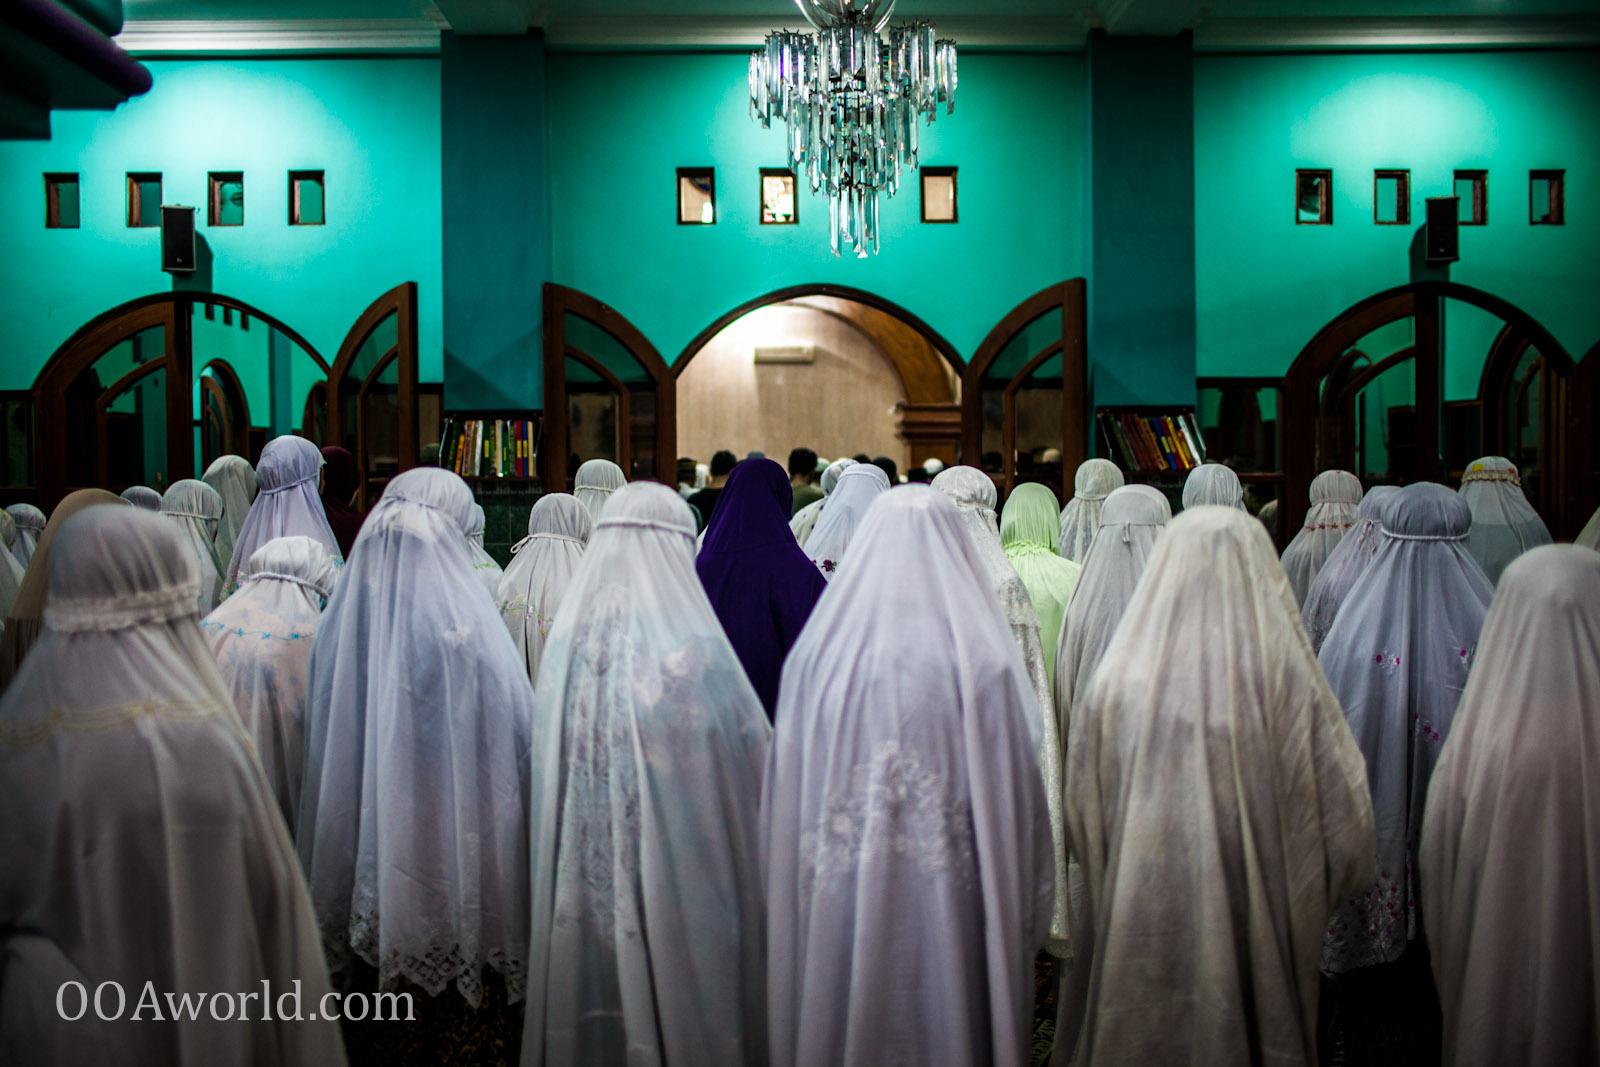 Women in Arab societies